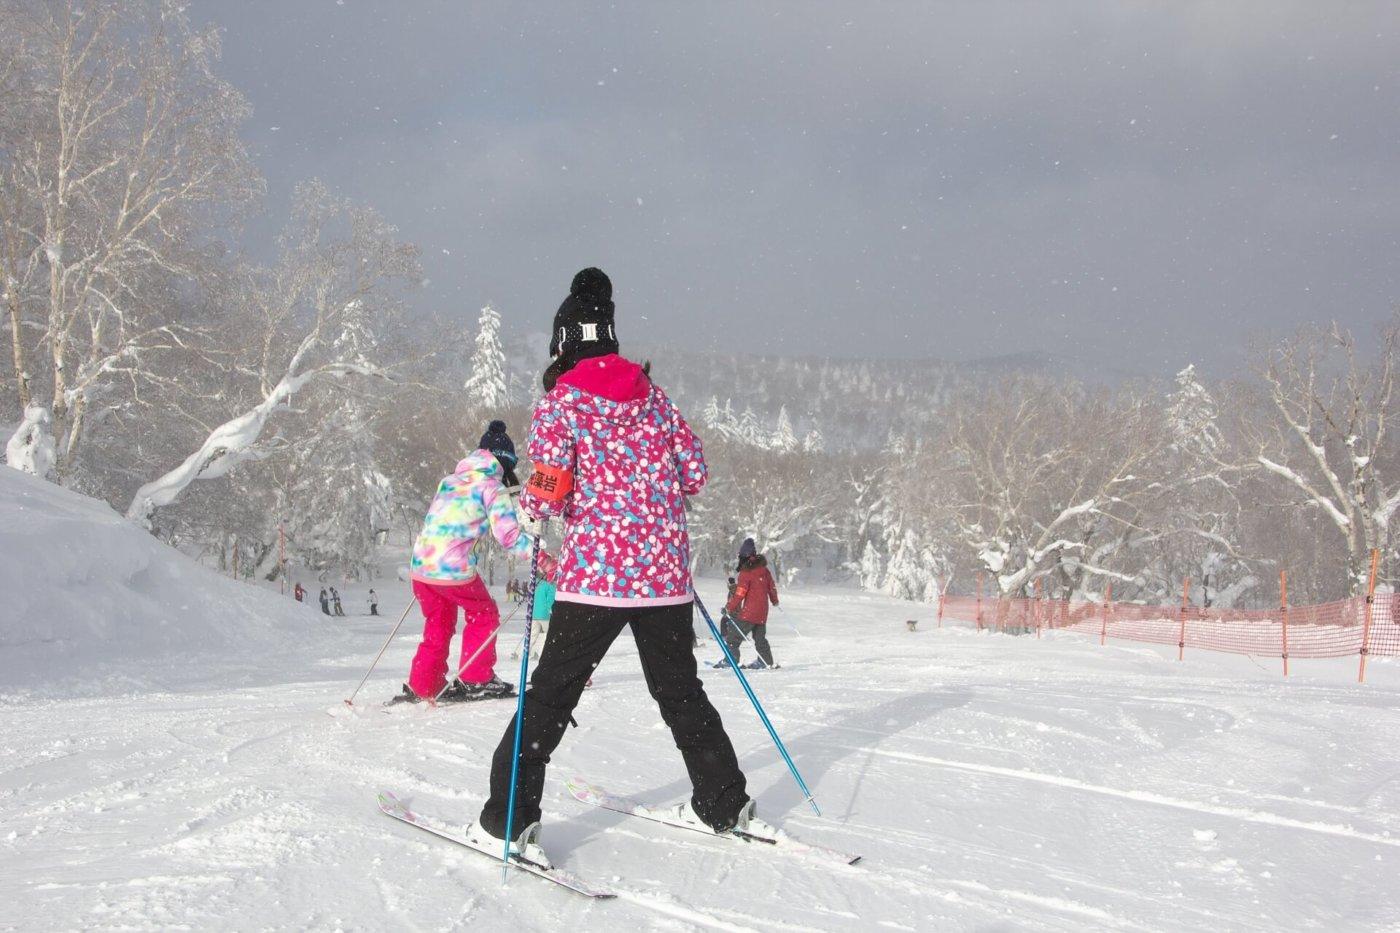 初心者がスキーをネットで購入する際の注意点